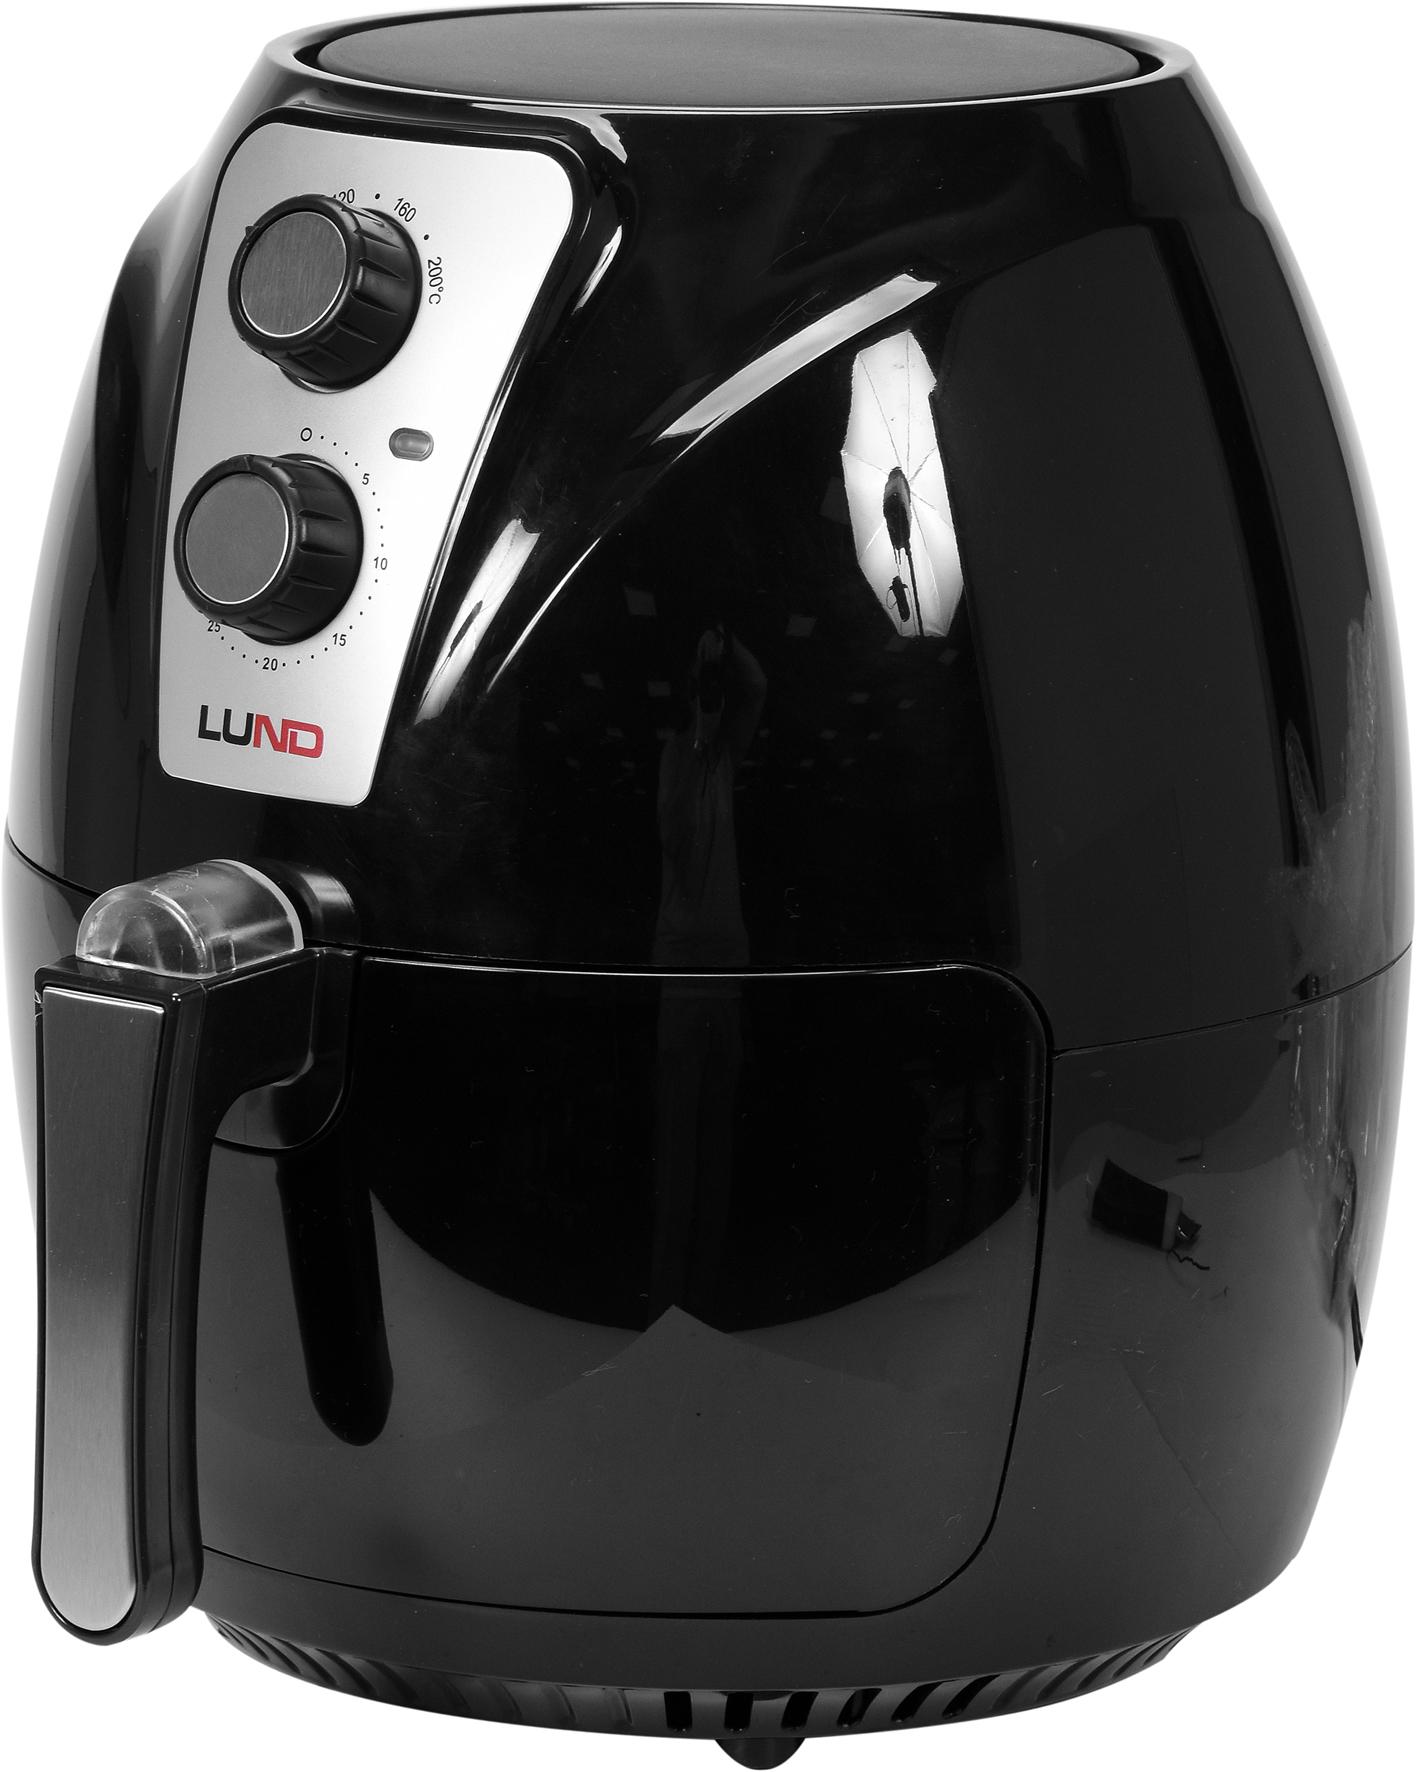 Horkovzdušná fritéza 2,4L 1300W